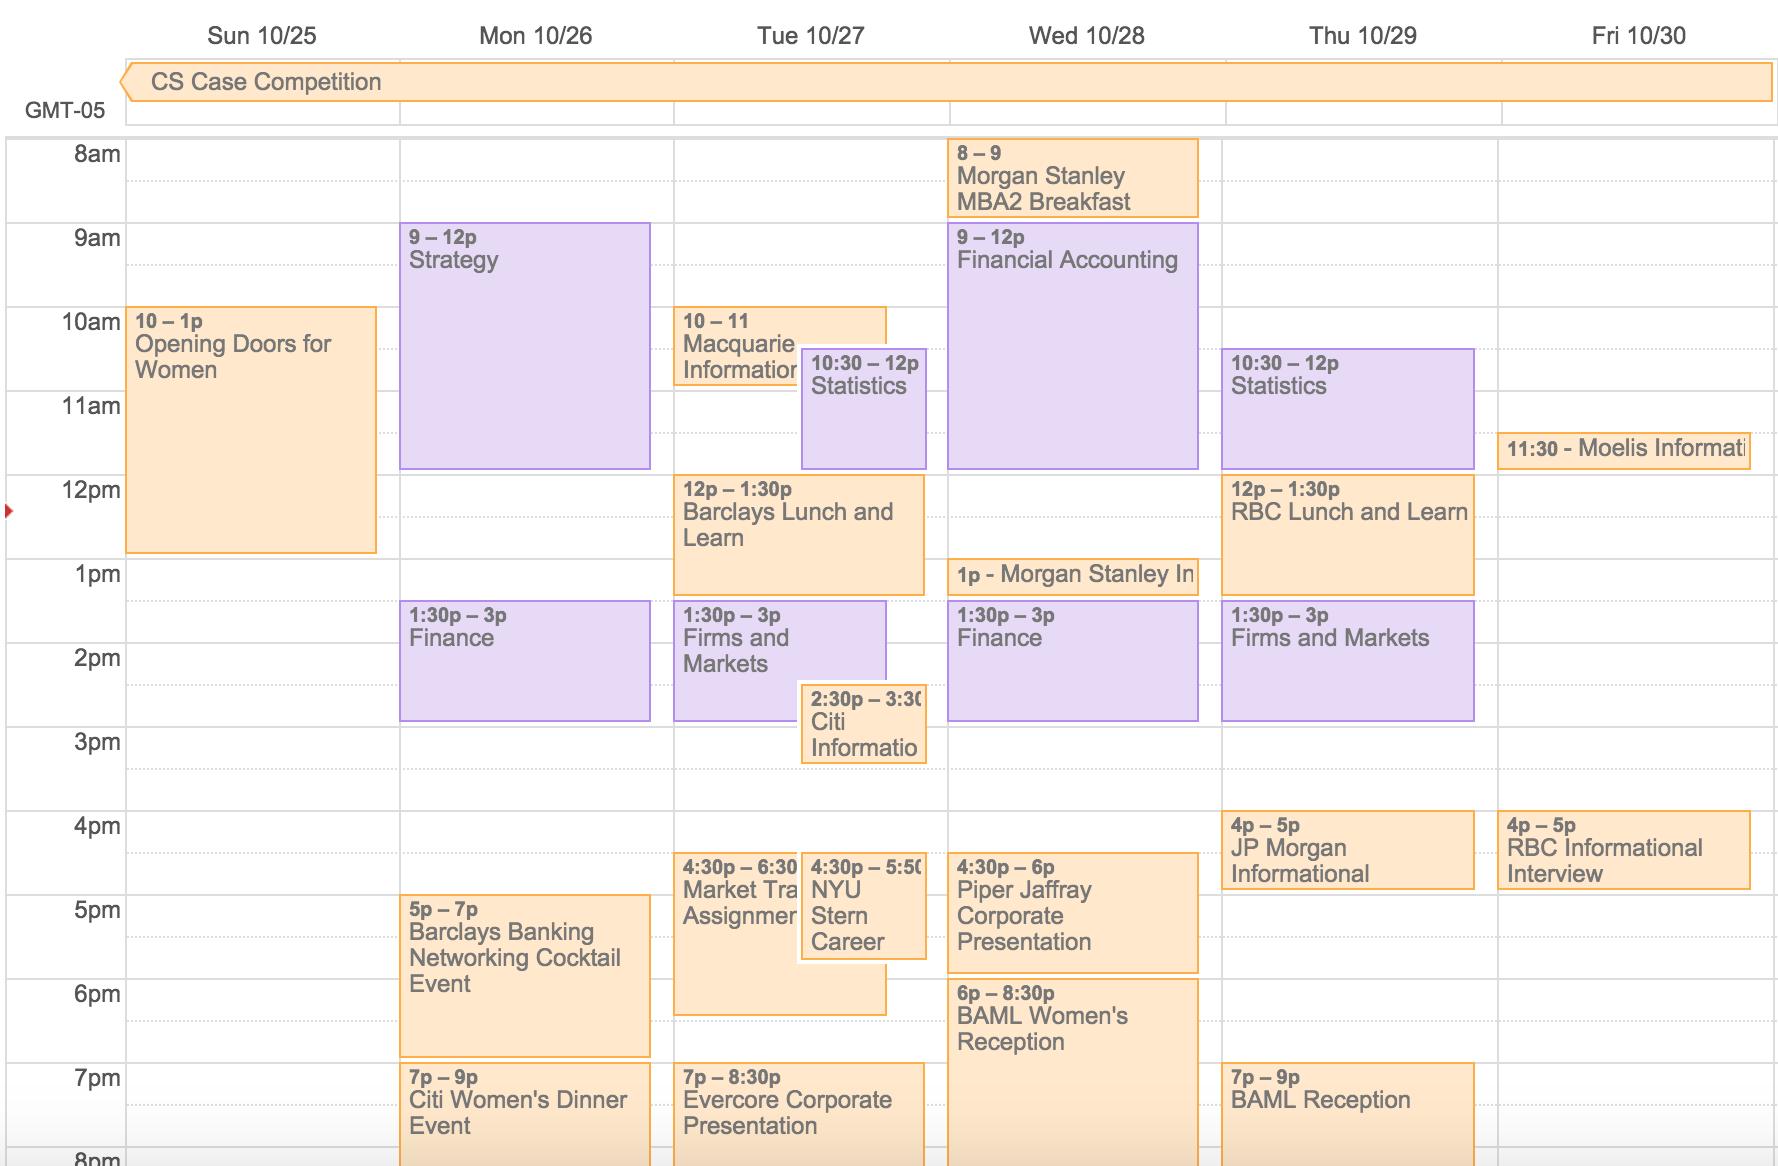 03-02 - Schedule